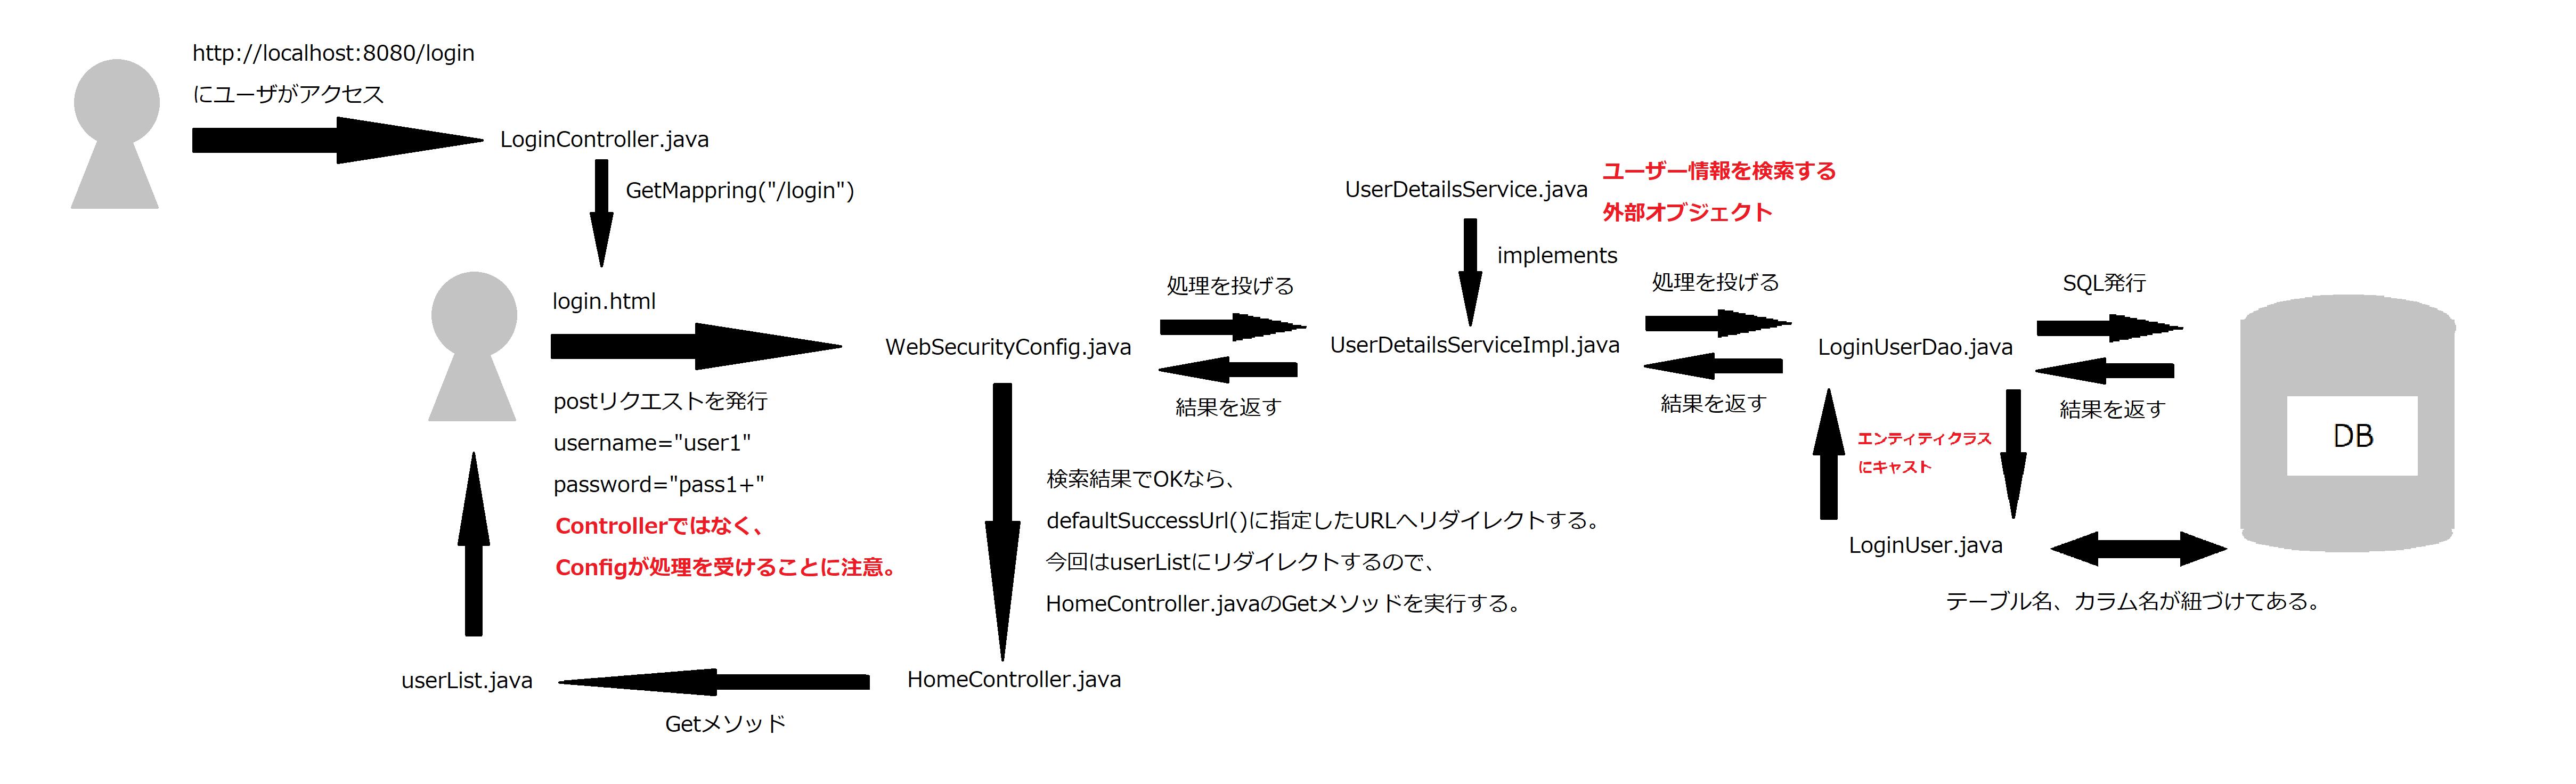 SpringBoot_Di_Security_DB_14.png